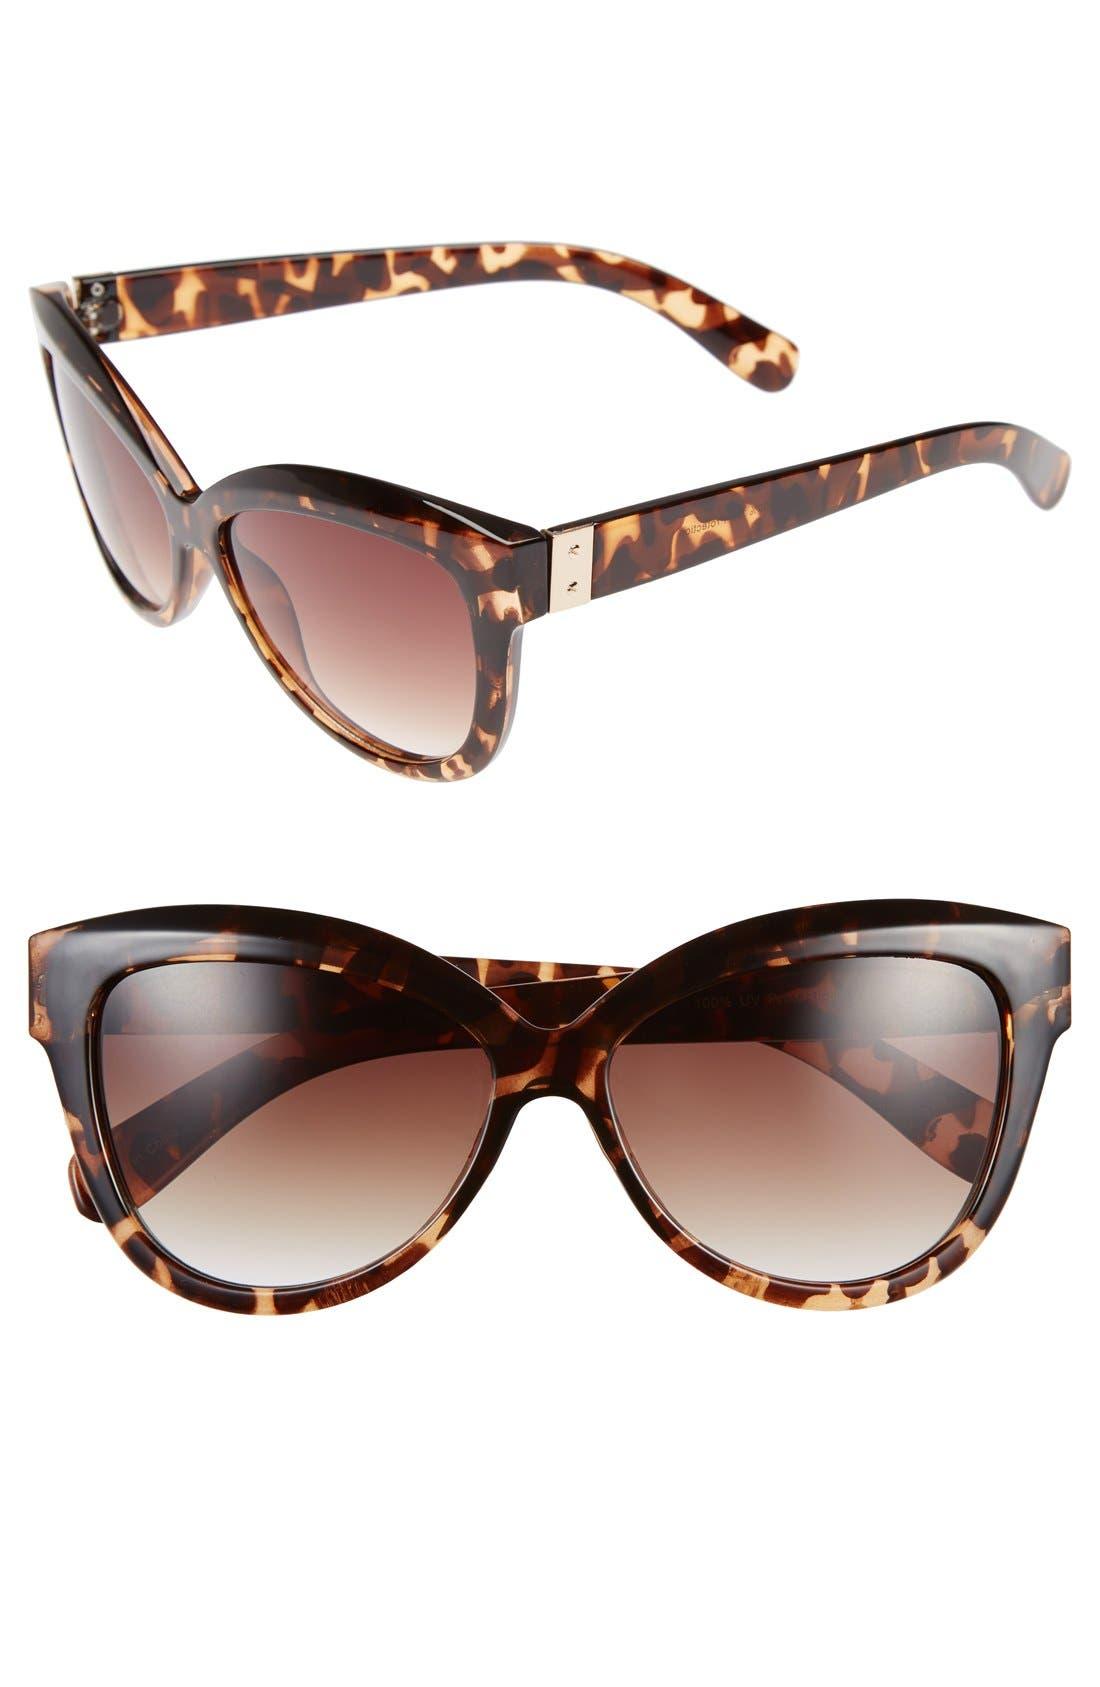 Main Image - BP. 60mm Round Sunglasses